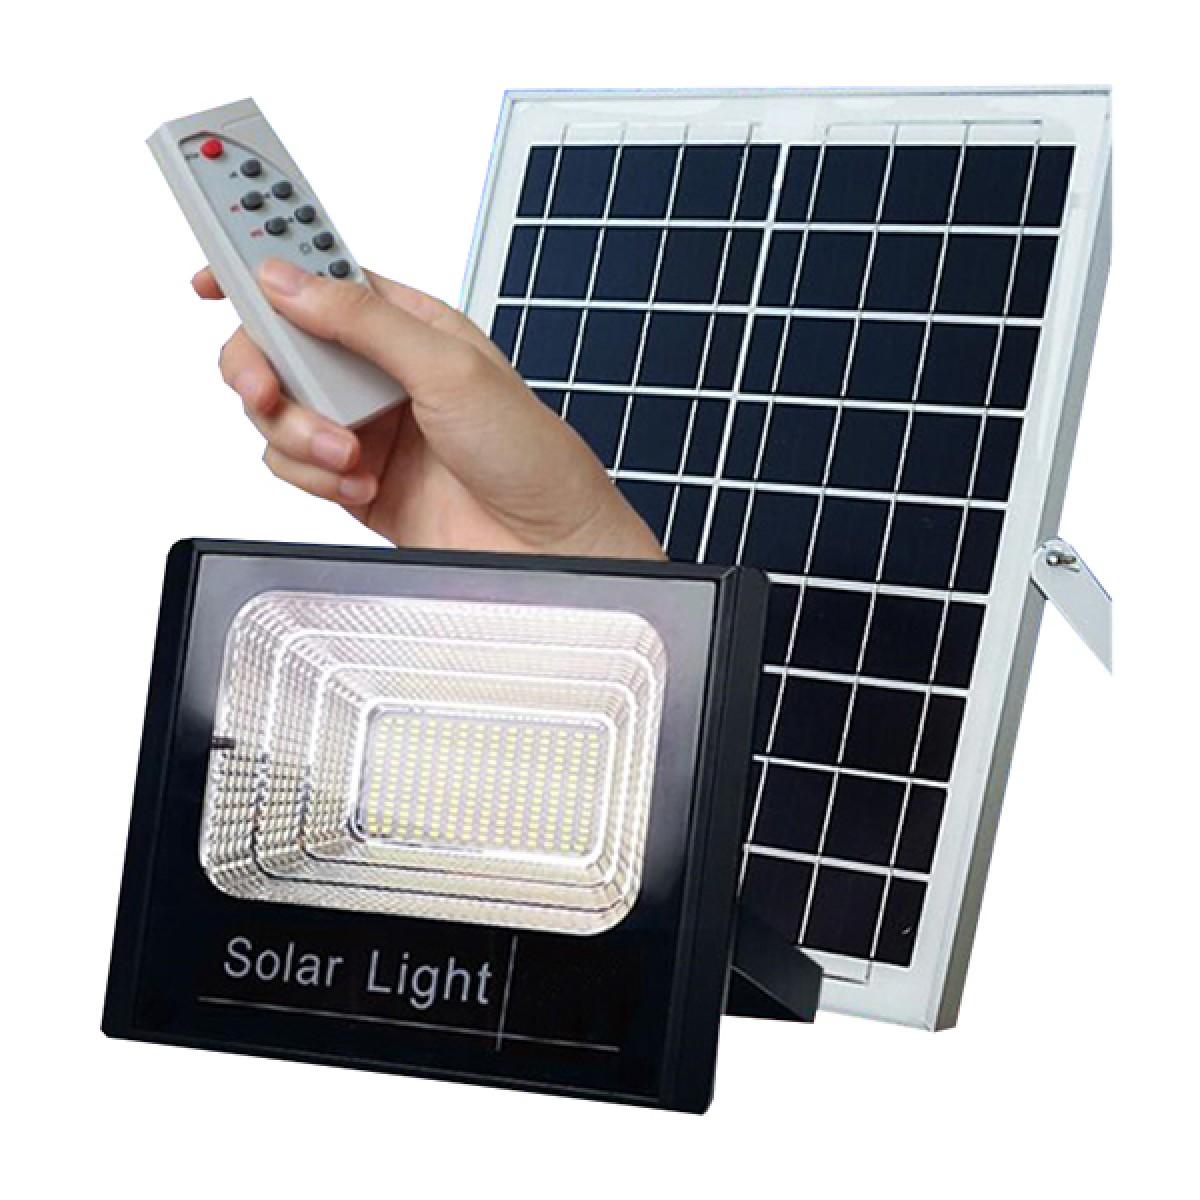 Ηλιακός προβολέας ανάβει μόλις νυχτώσει και σβήνει όταν ξημερώσει εξωτερικού χώρου Solar light JD-8800 100W